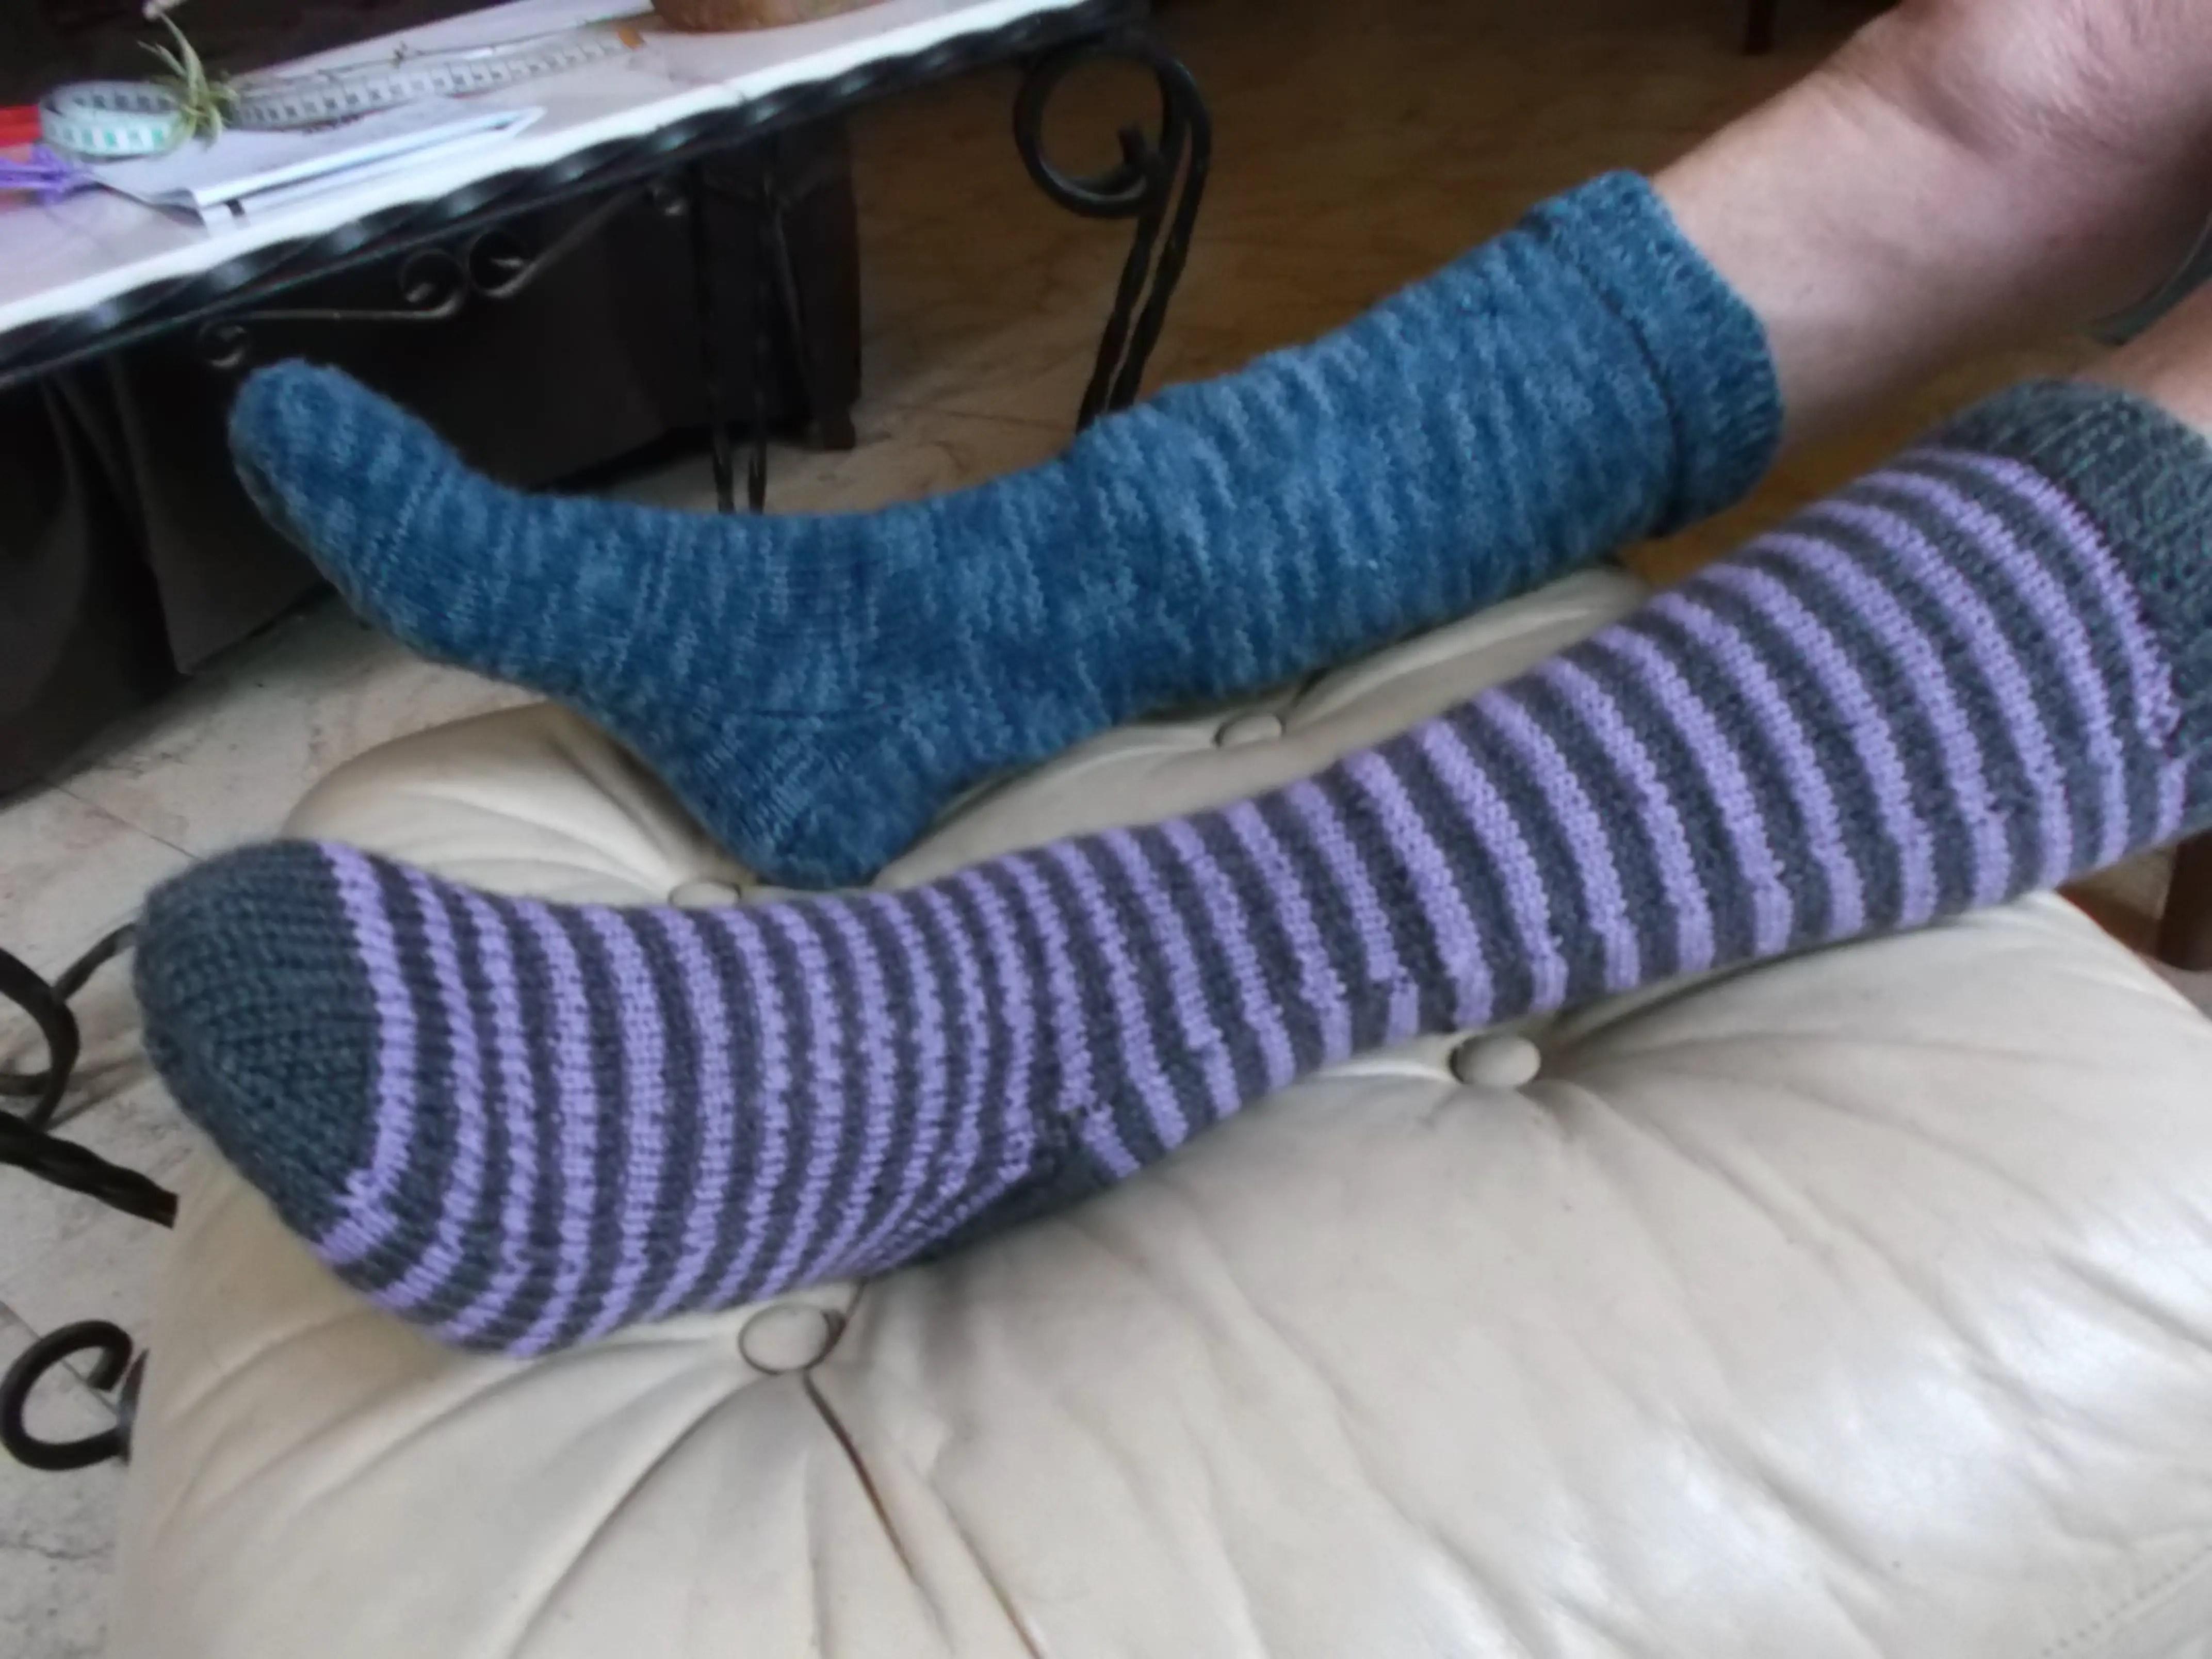 les-chaussettes-du-zom-2-lagrenouilletricote-com